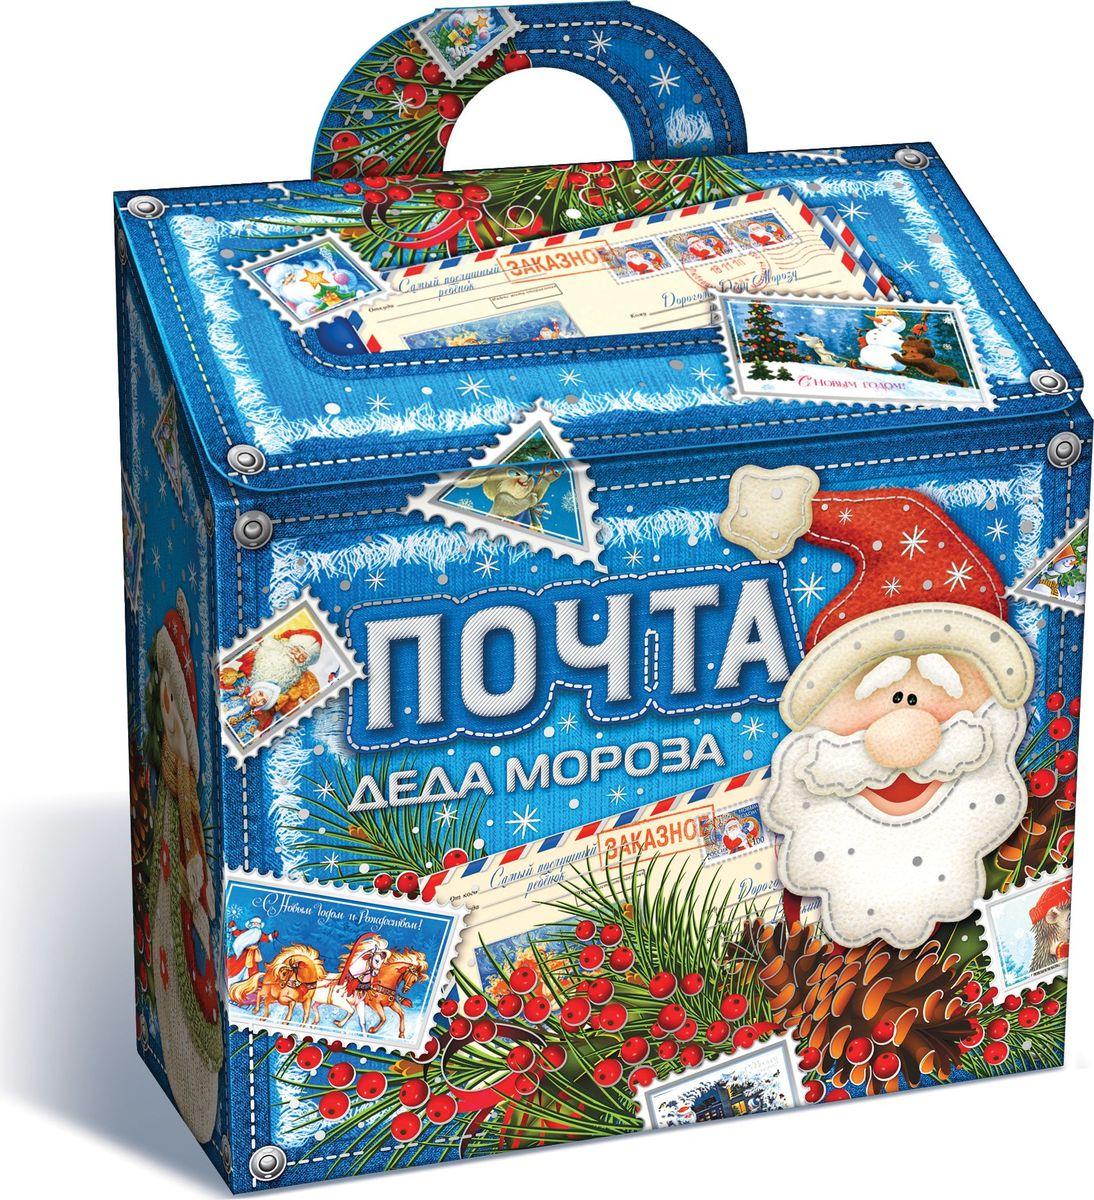 Сладкий новогодний подарок Джинсовая почта, 600 г1564Новогодние подарки в картонной упаковке считаются самыми популярными для поздравления детей в детских садах и школах, и с каждым годом остаются лидерами продаж. Сладкий Новогодний подарок  Джинсовая почта  600 гр. очарует любого малыша своей яркой, разноцветной упаковкой, а прекрасно подобранный состав кондитерских изделий от самых известных производителей позволит в полной мере насладиться праздником. Прекрасный вариант поздравления детей на утренниках в детских садах и школах.Уважаемые клиенты! Обращаем ваше внимание на возможные изменения в дизайне упаковки. Качественные характеристики товара остаются неизменными. Поставка осуществляется в зависимости от наличия на складе.